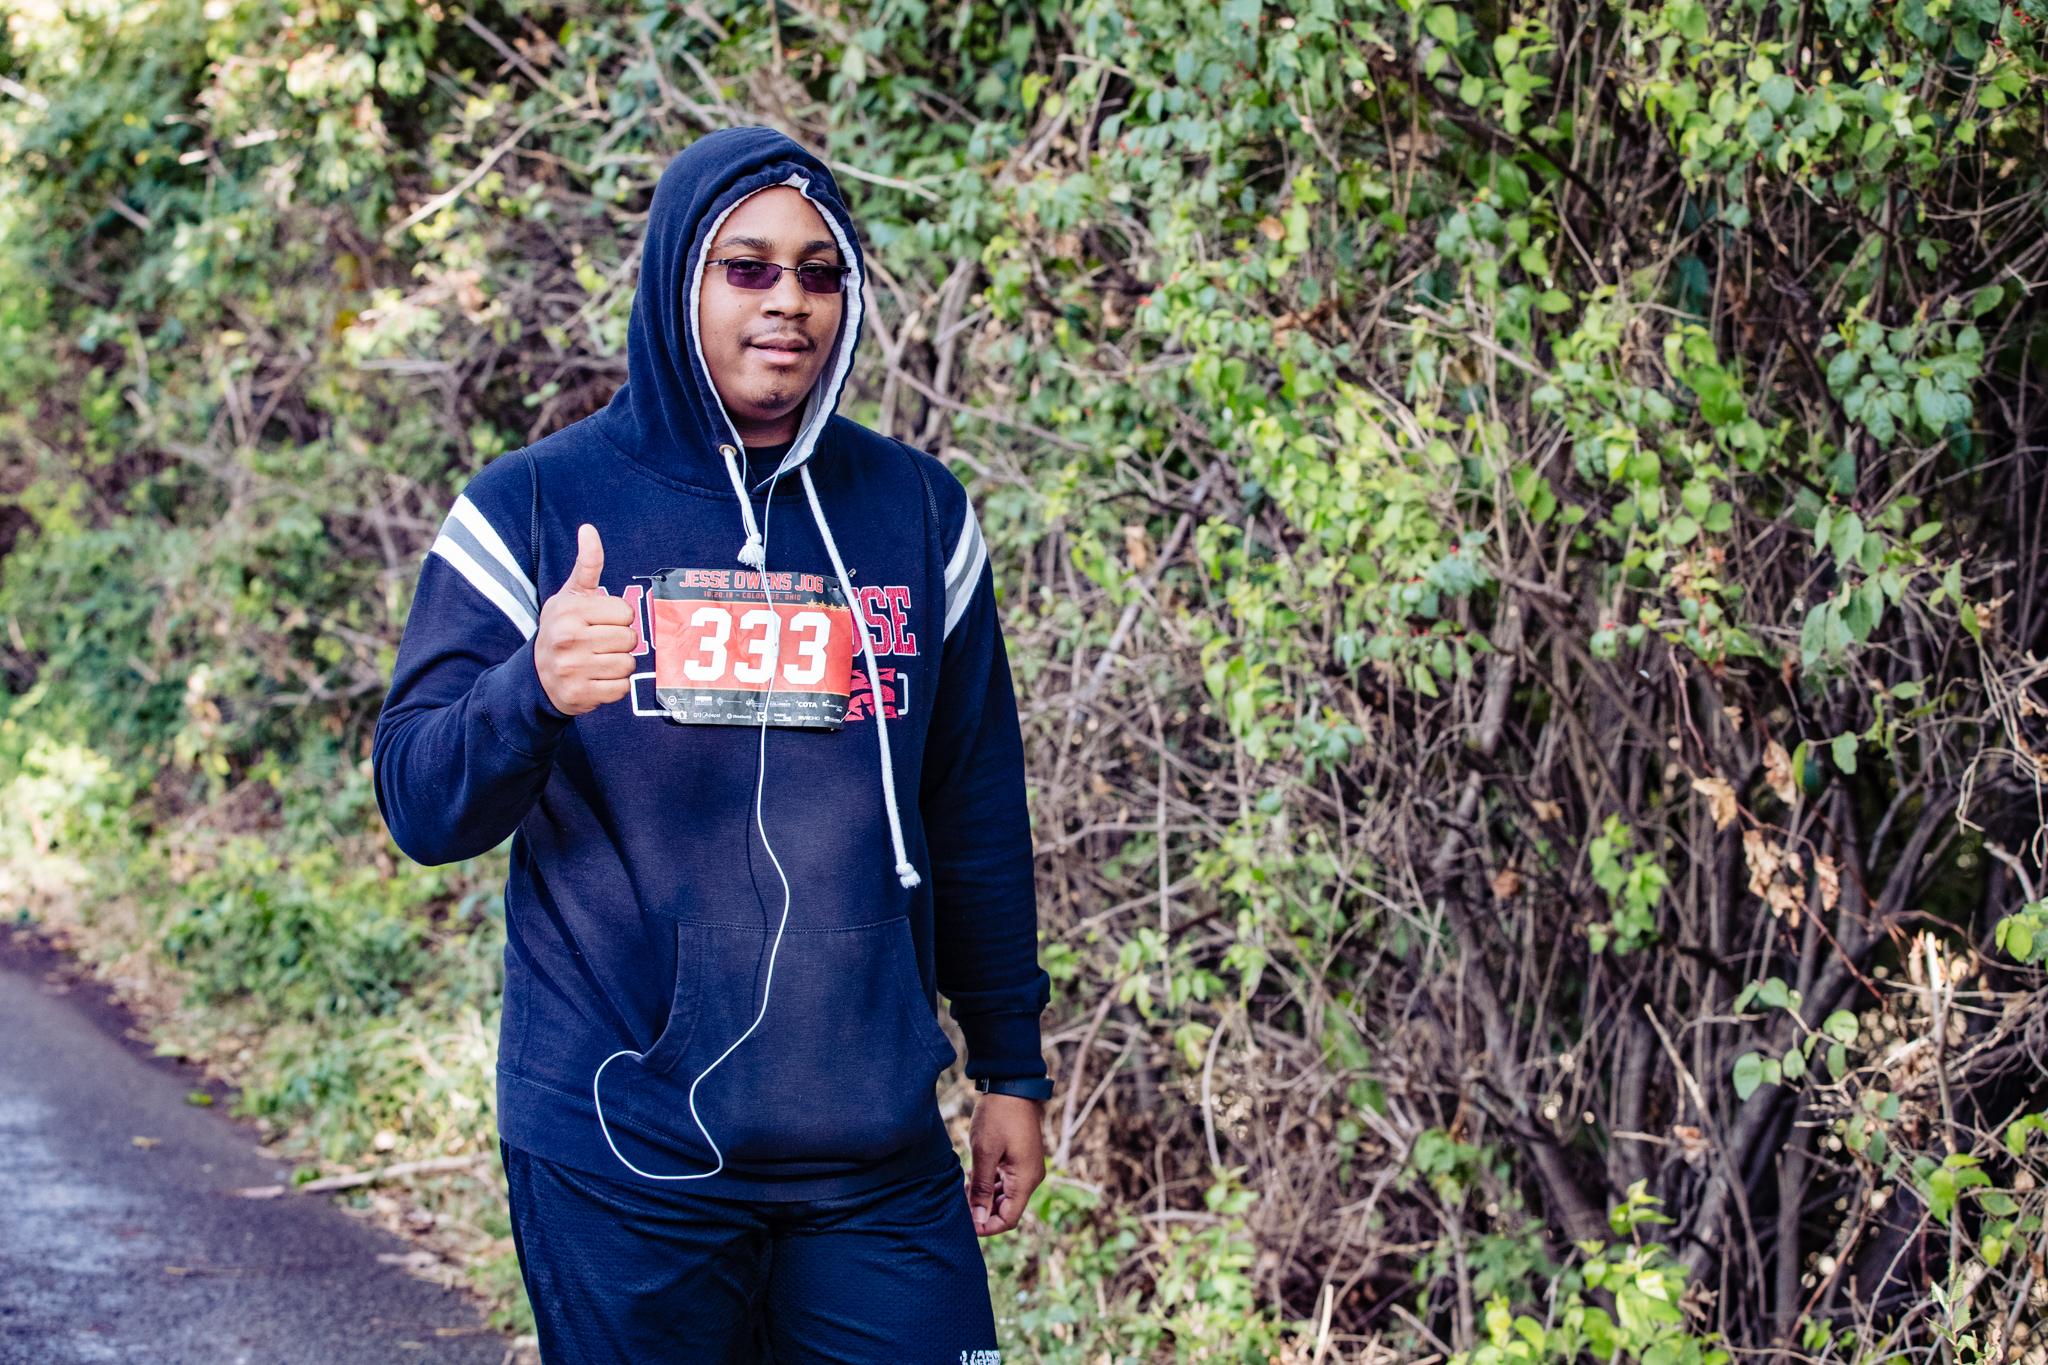 Jesse-Owens-Jog-2018_178_bko.jpg